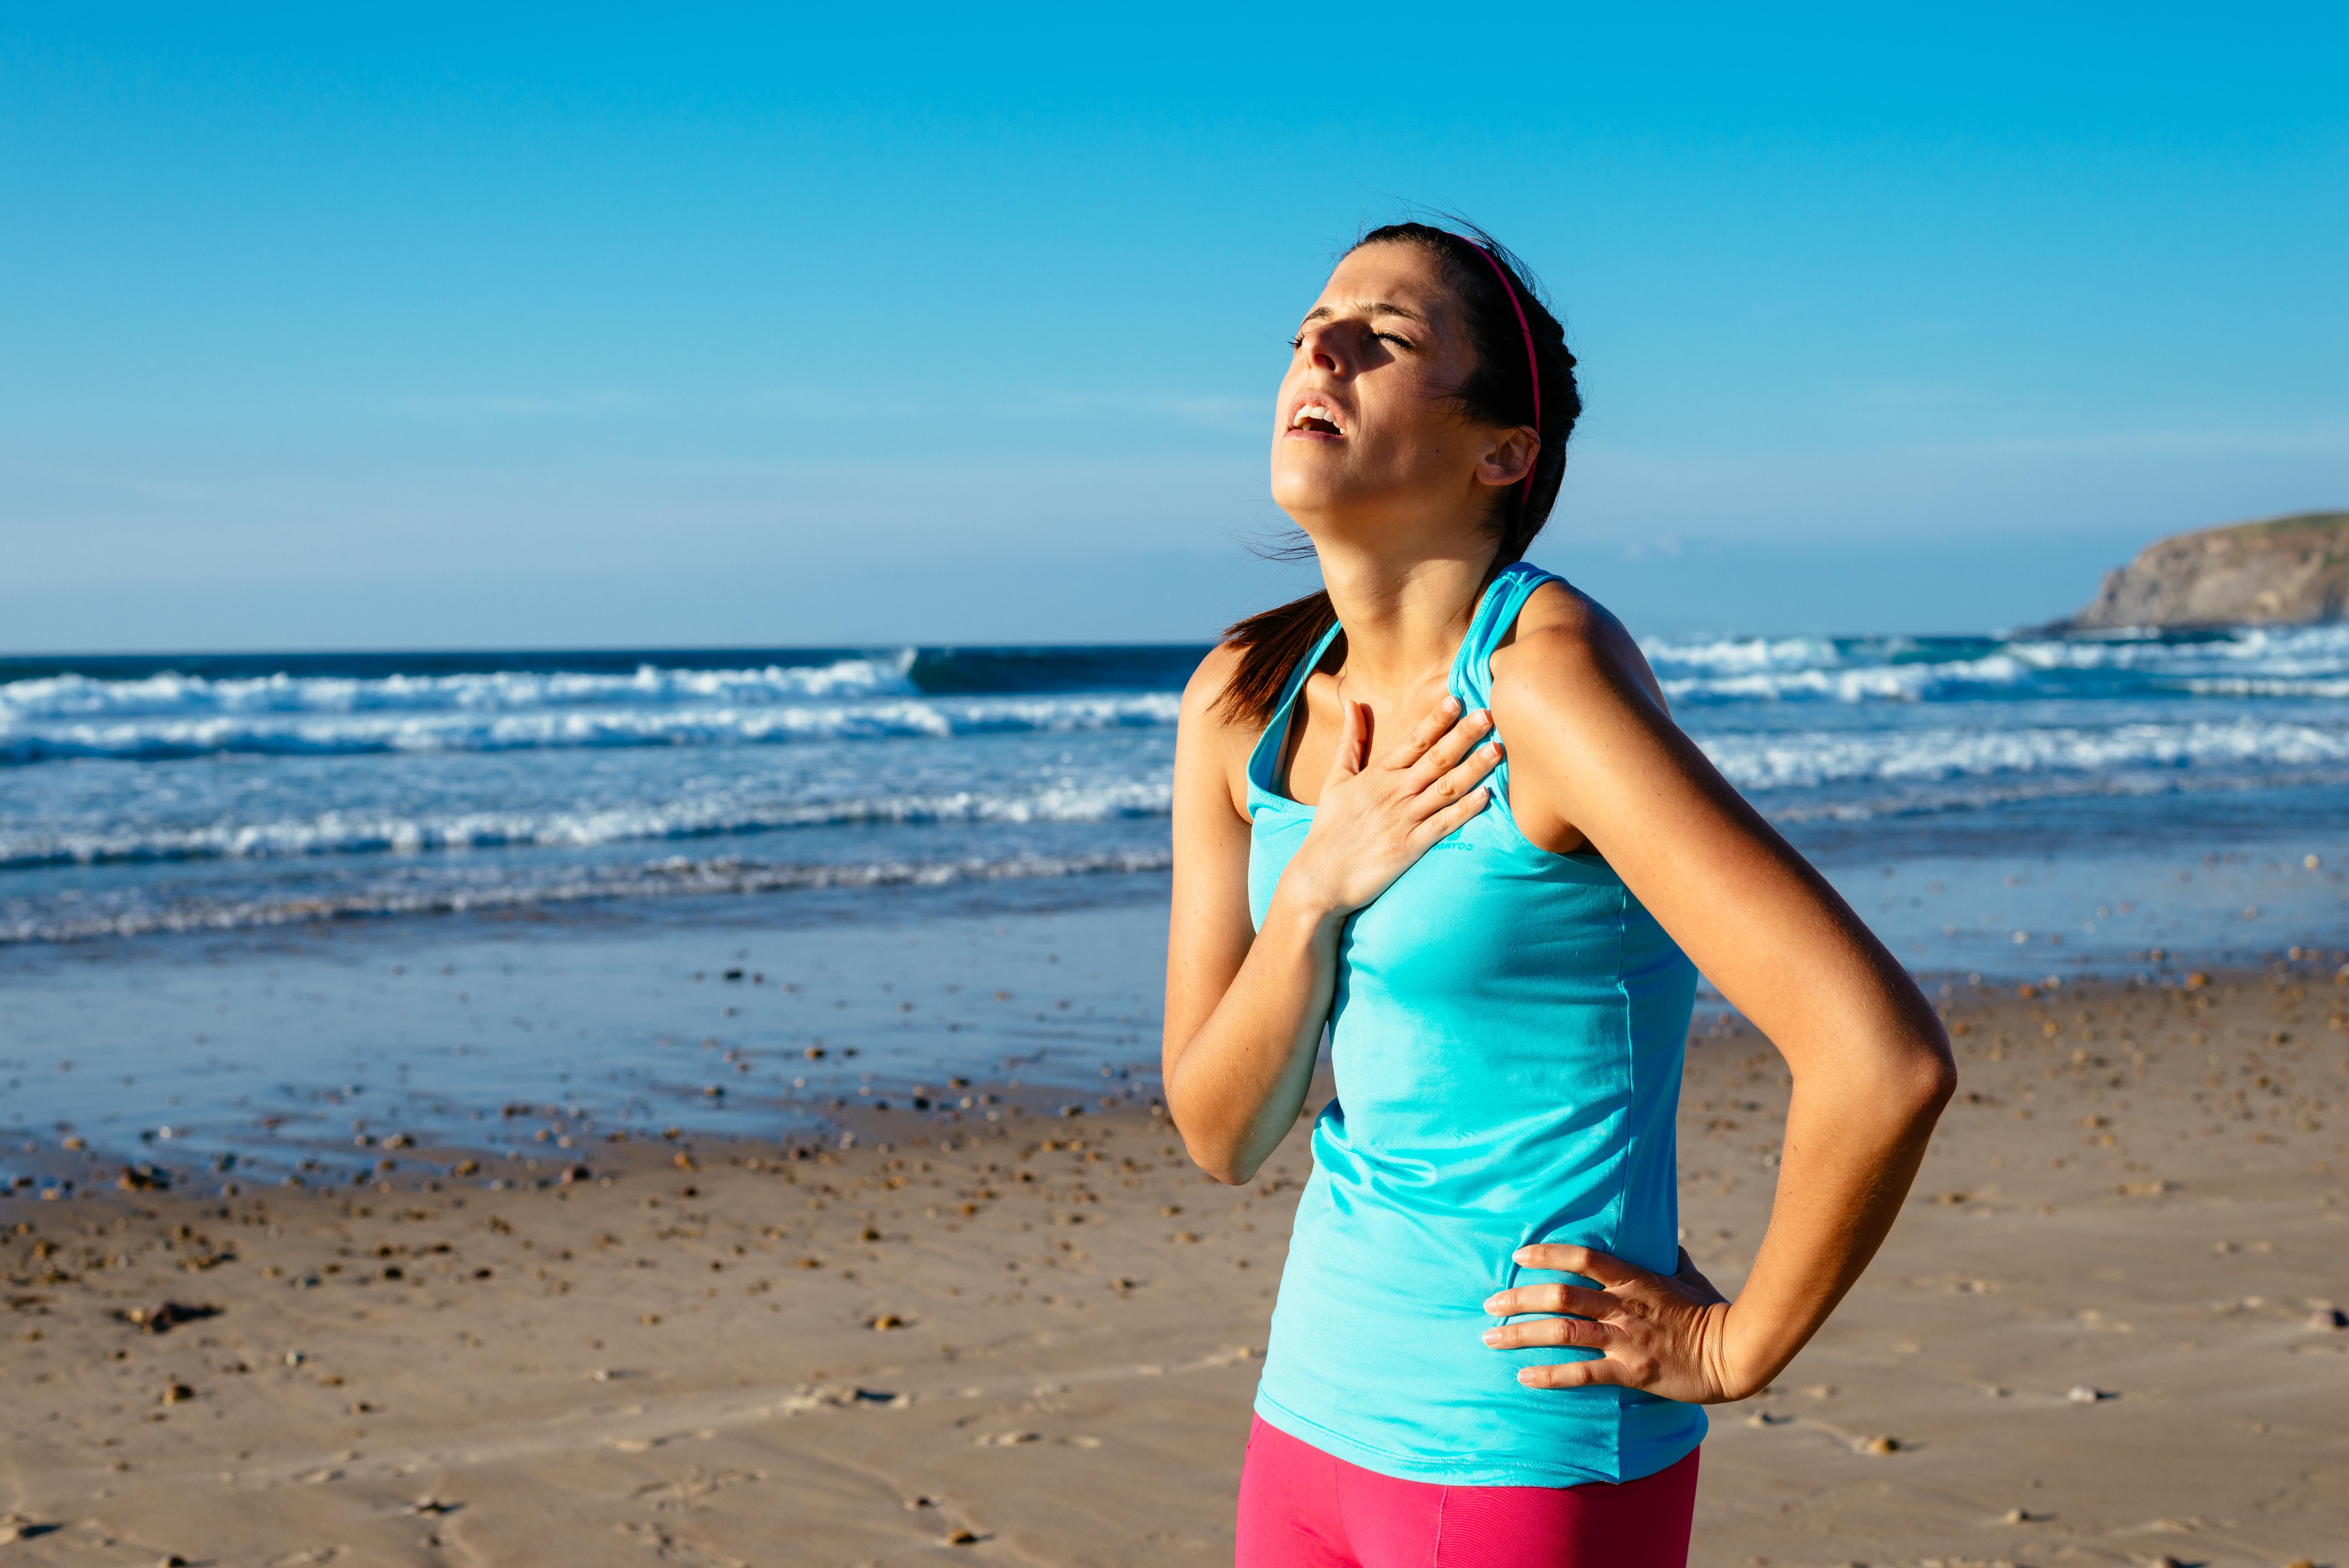 Как правильно дышать при беге. боль в боку, причины